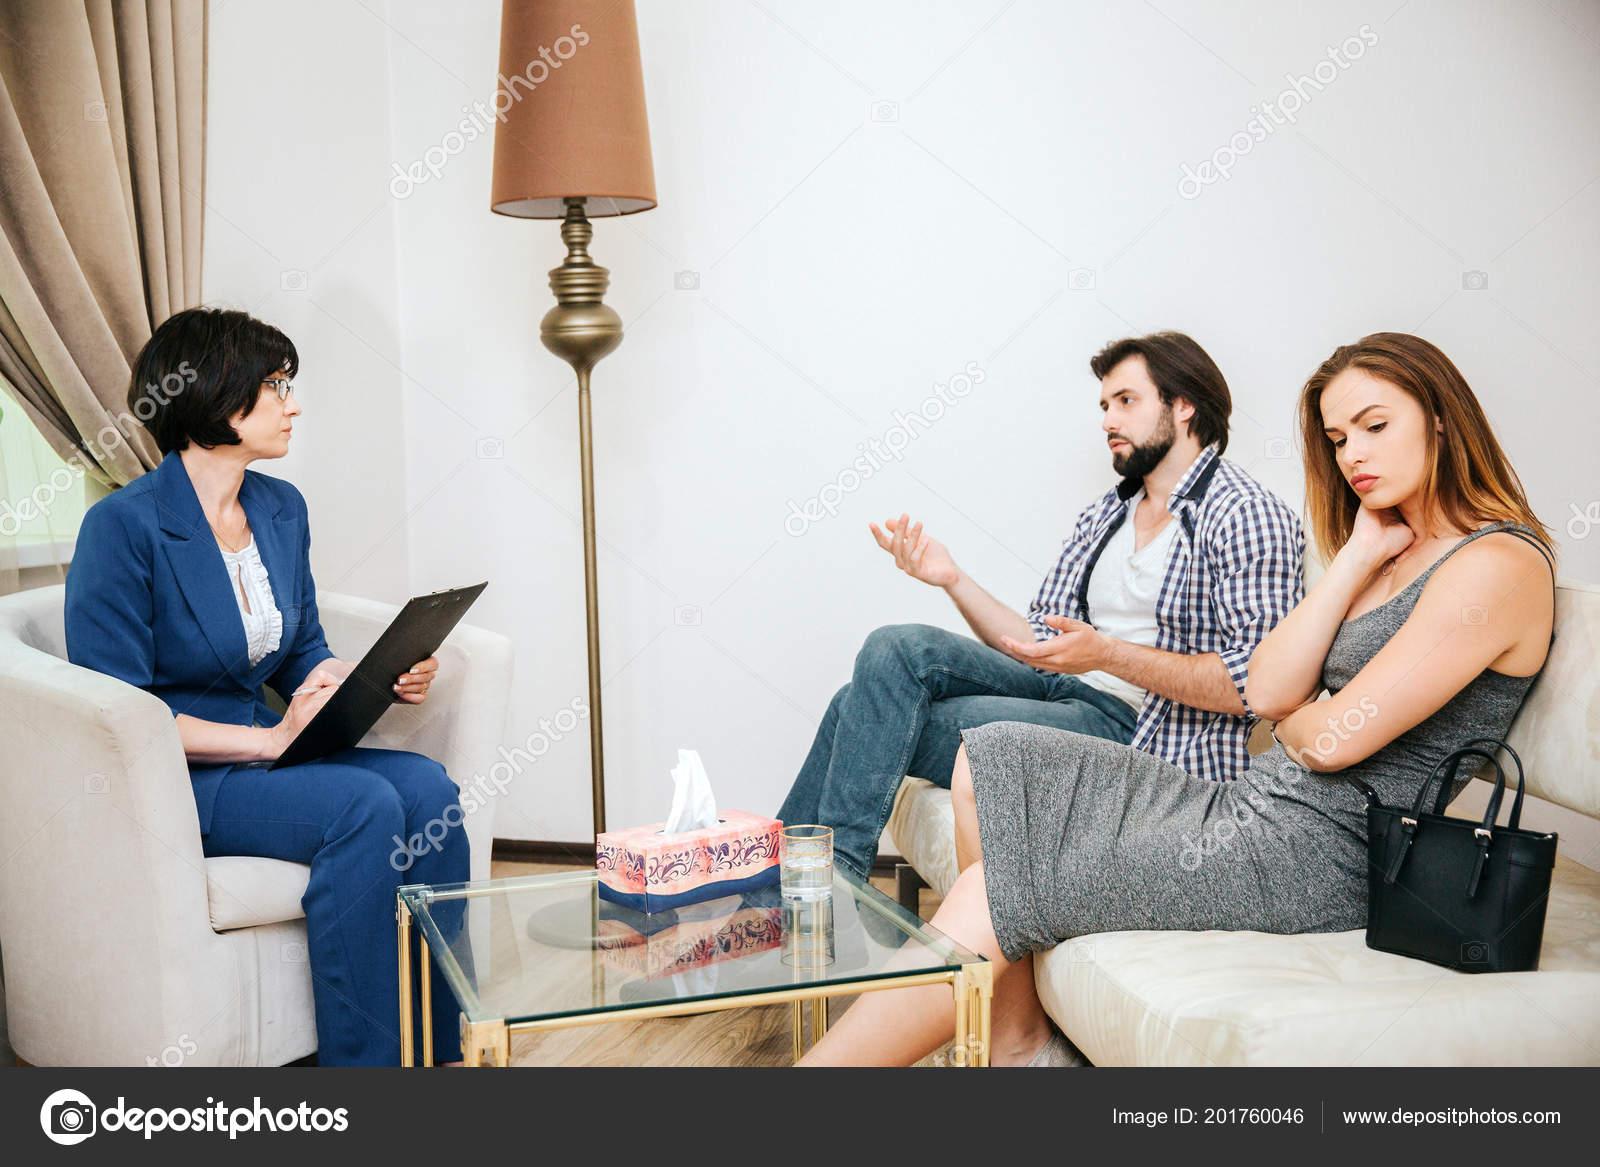 gratuit Joomla Dating modèles